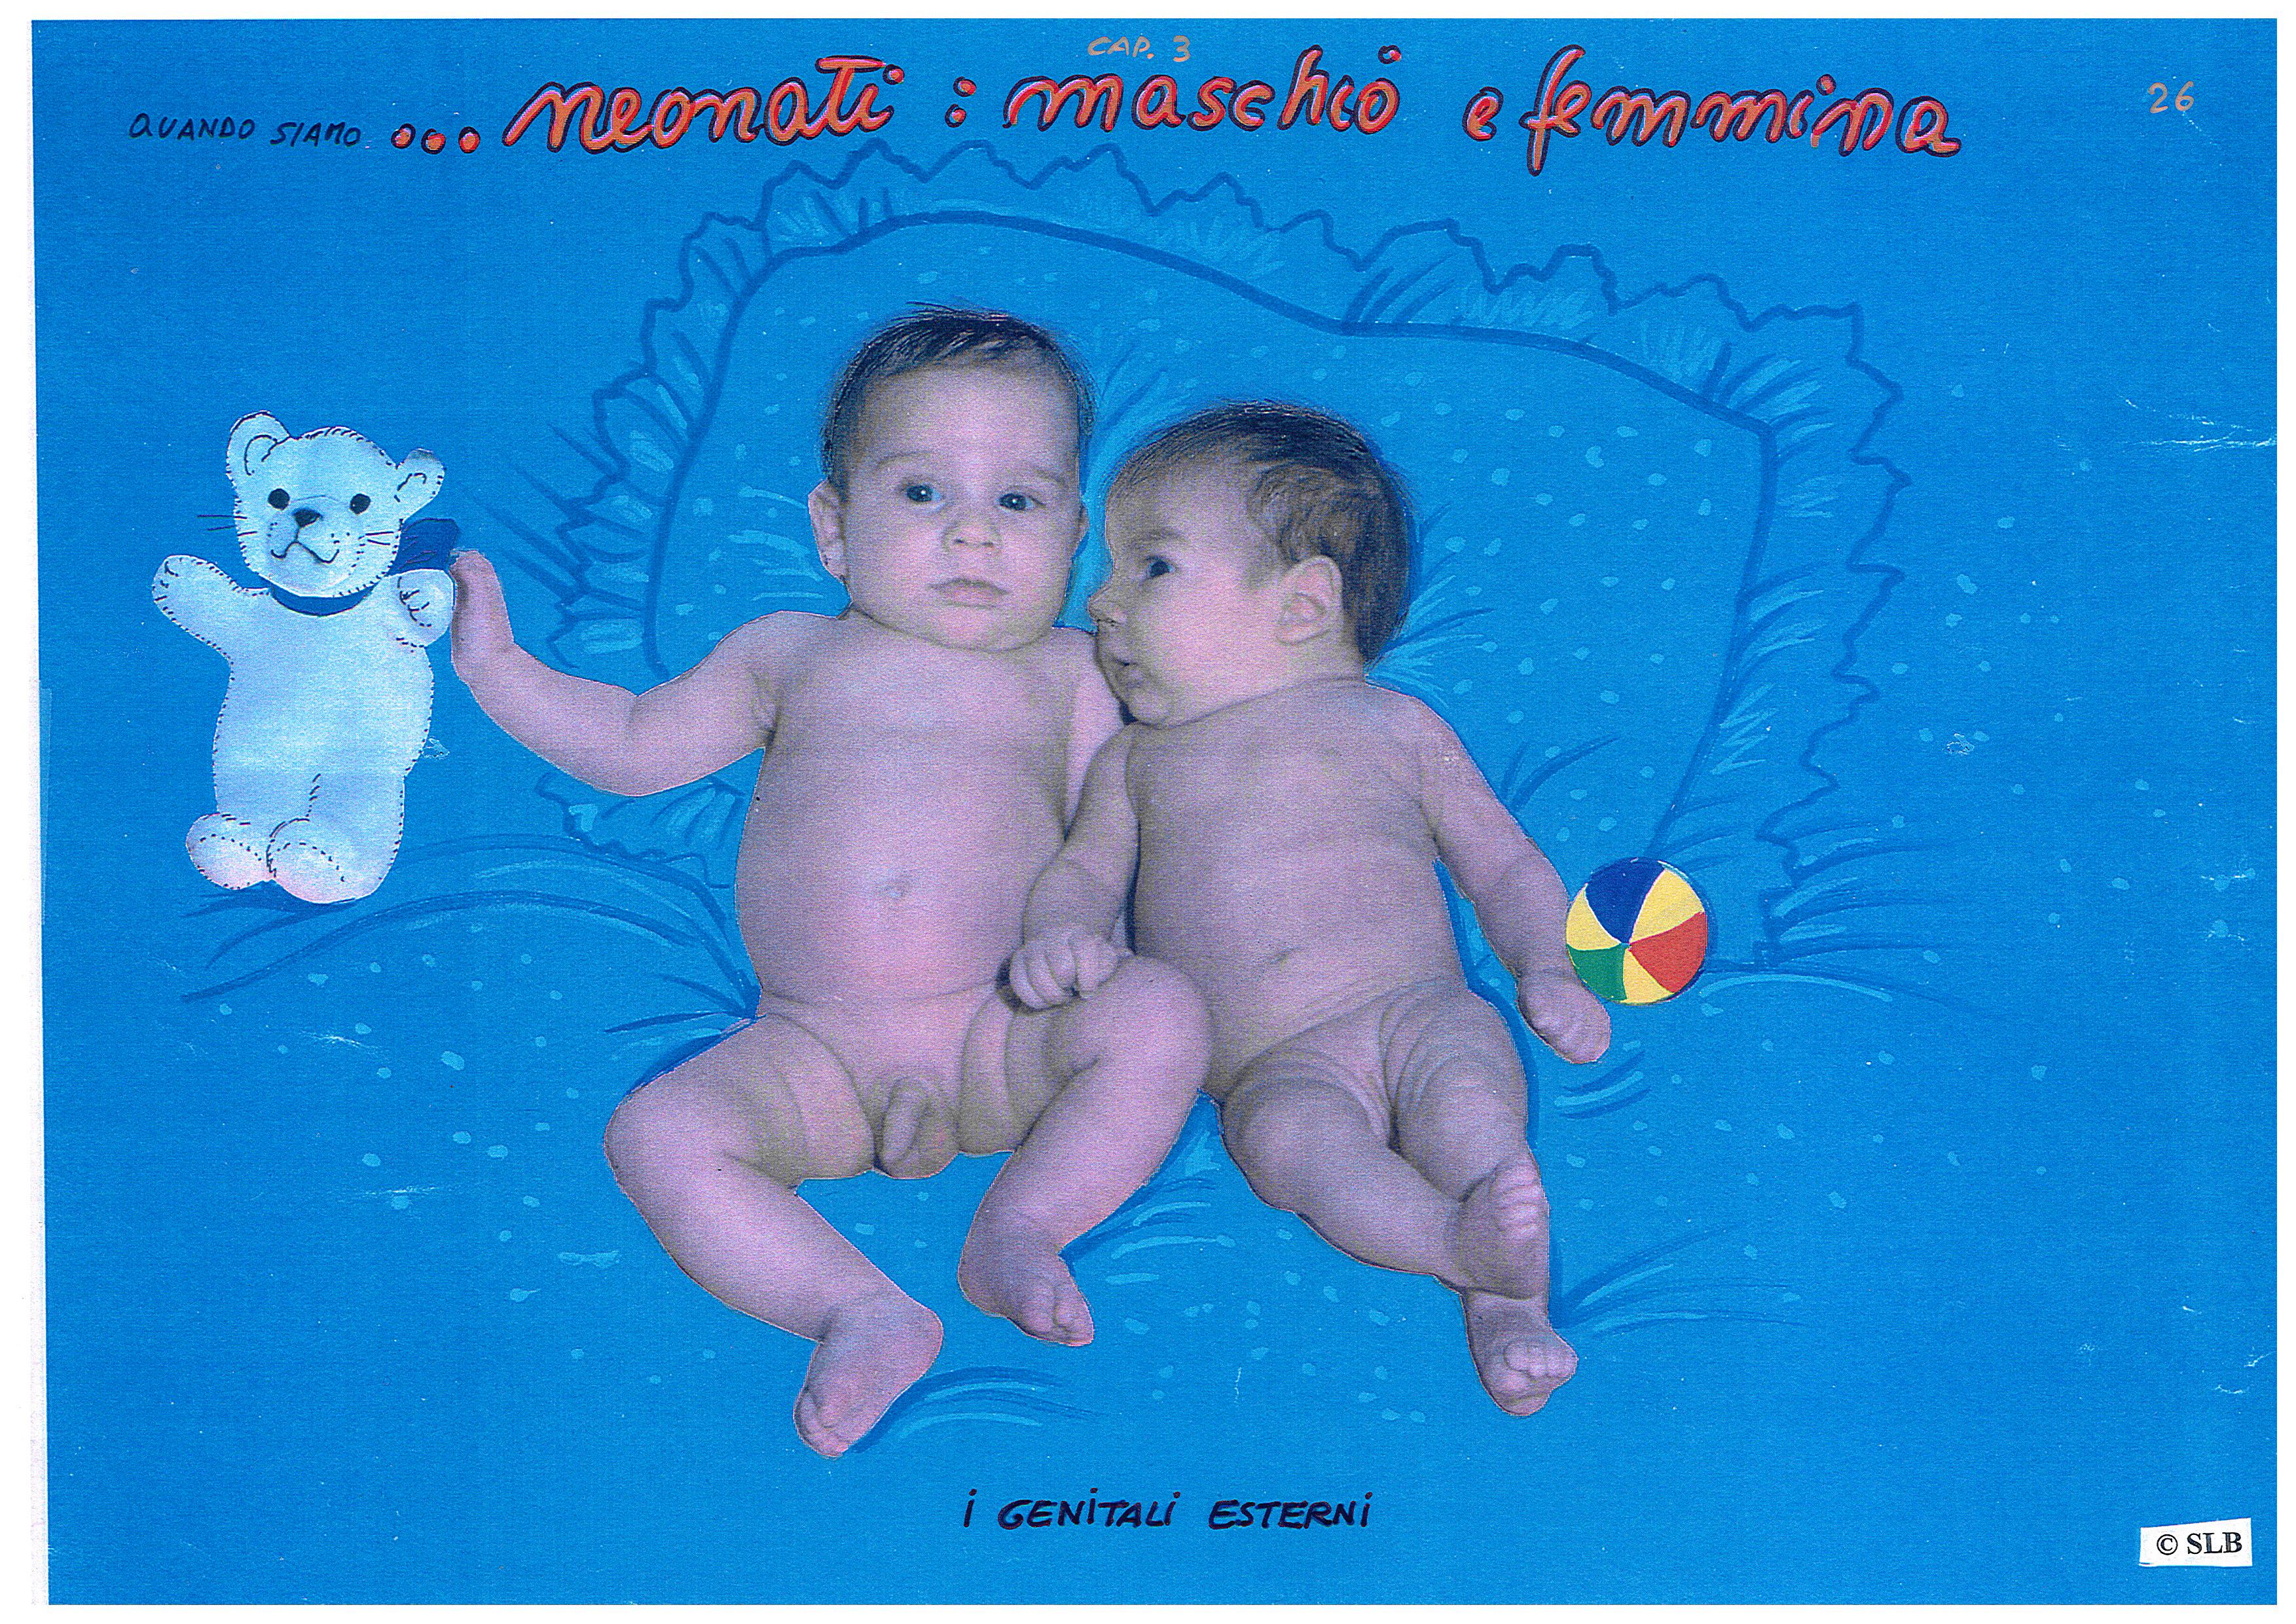 Quando Siamo Neonati Il Maschio La Femmina E I Genitali Esterni